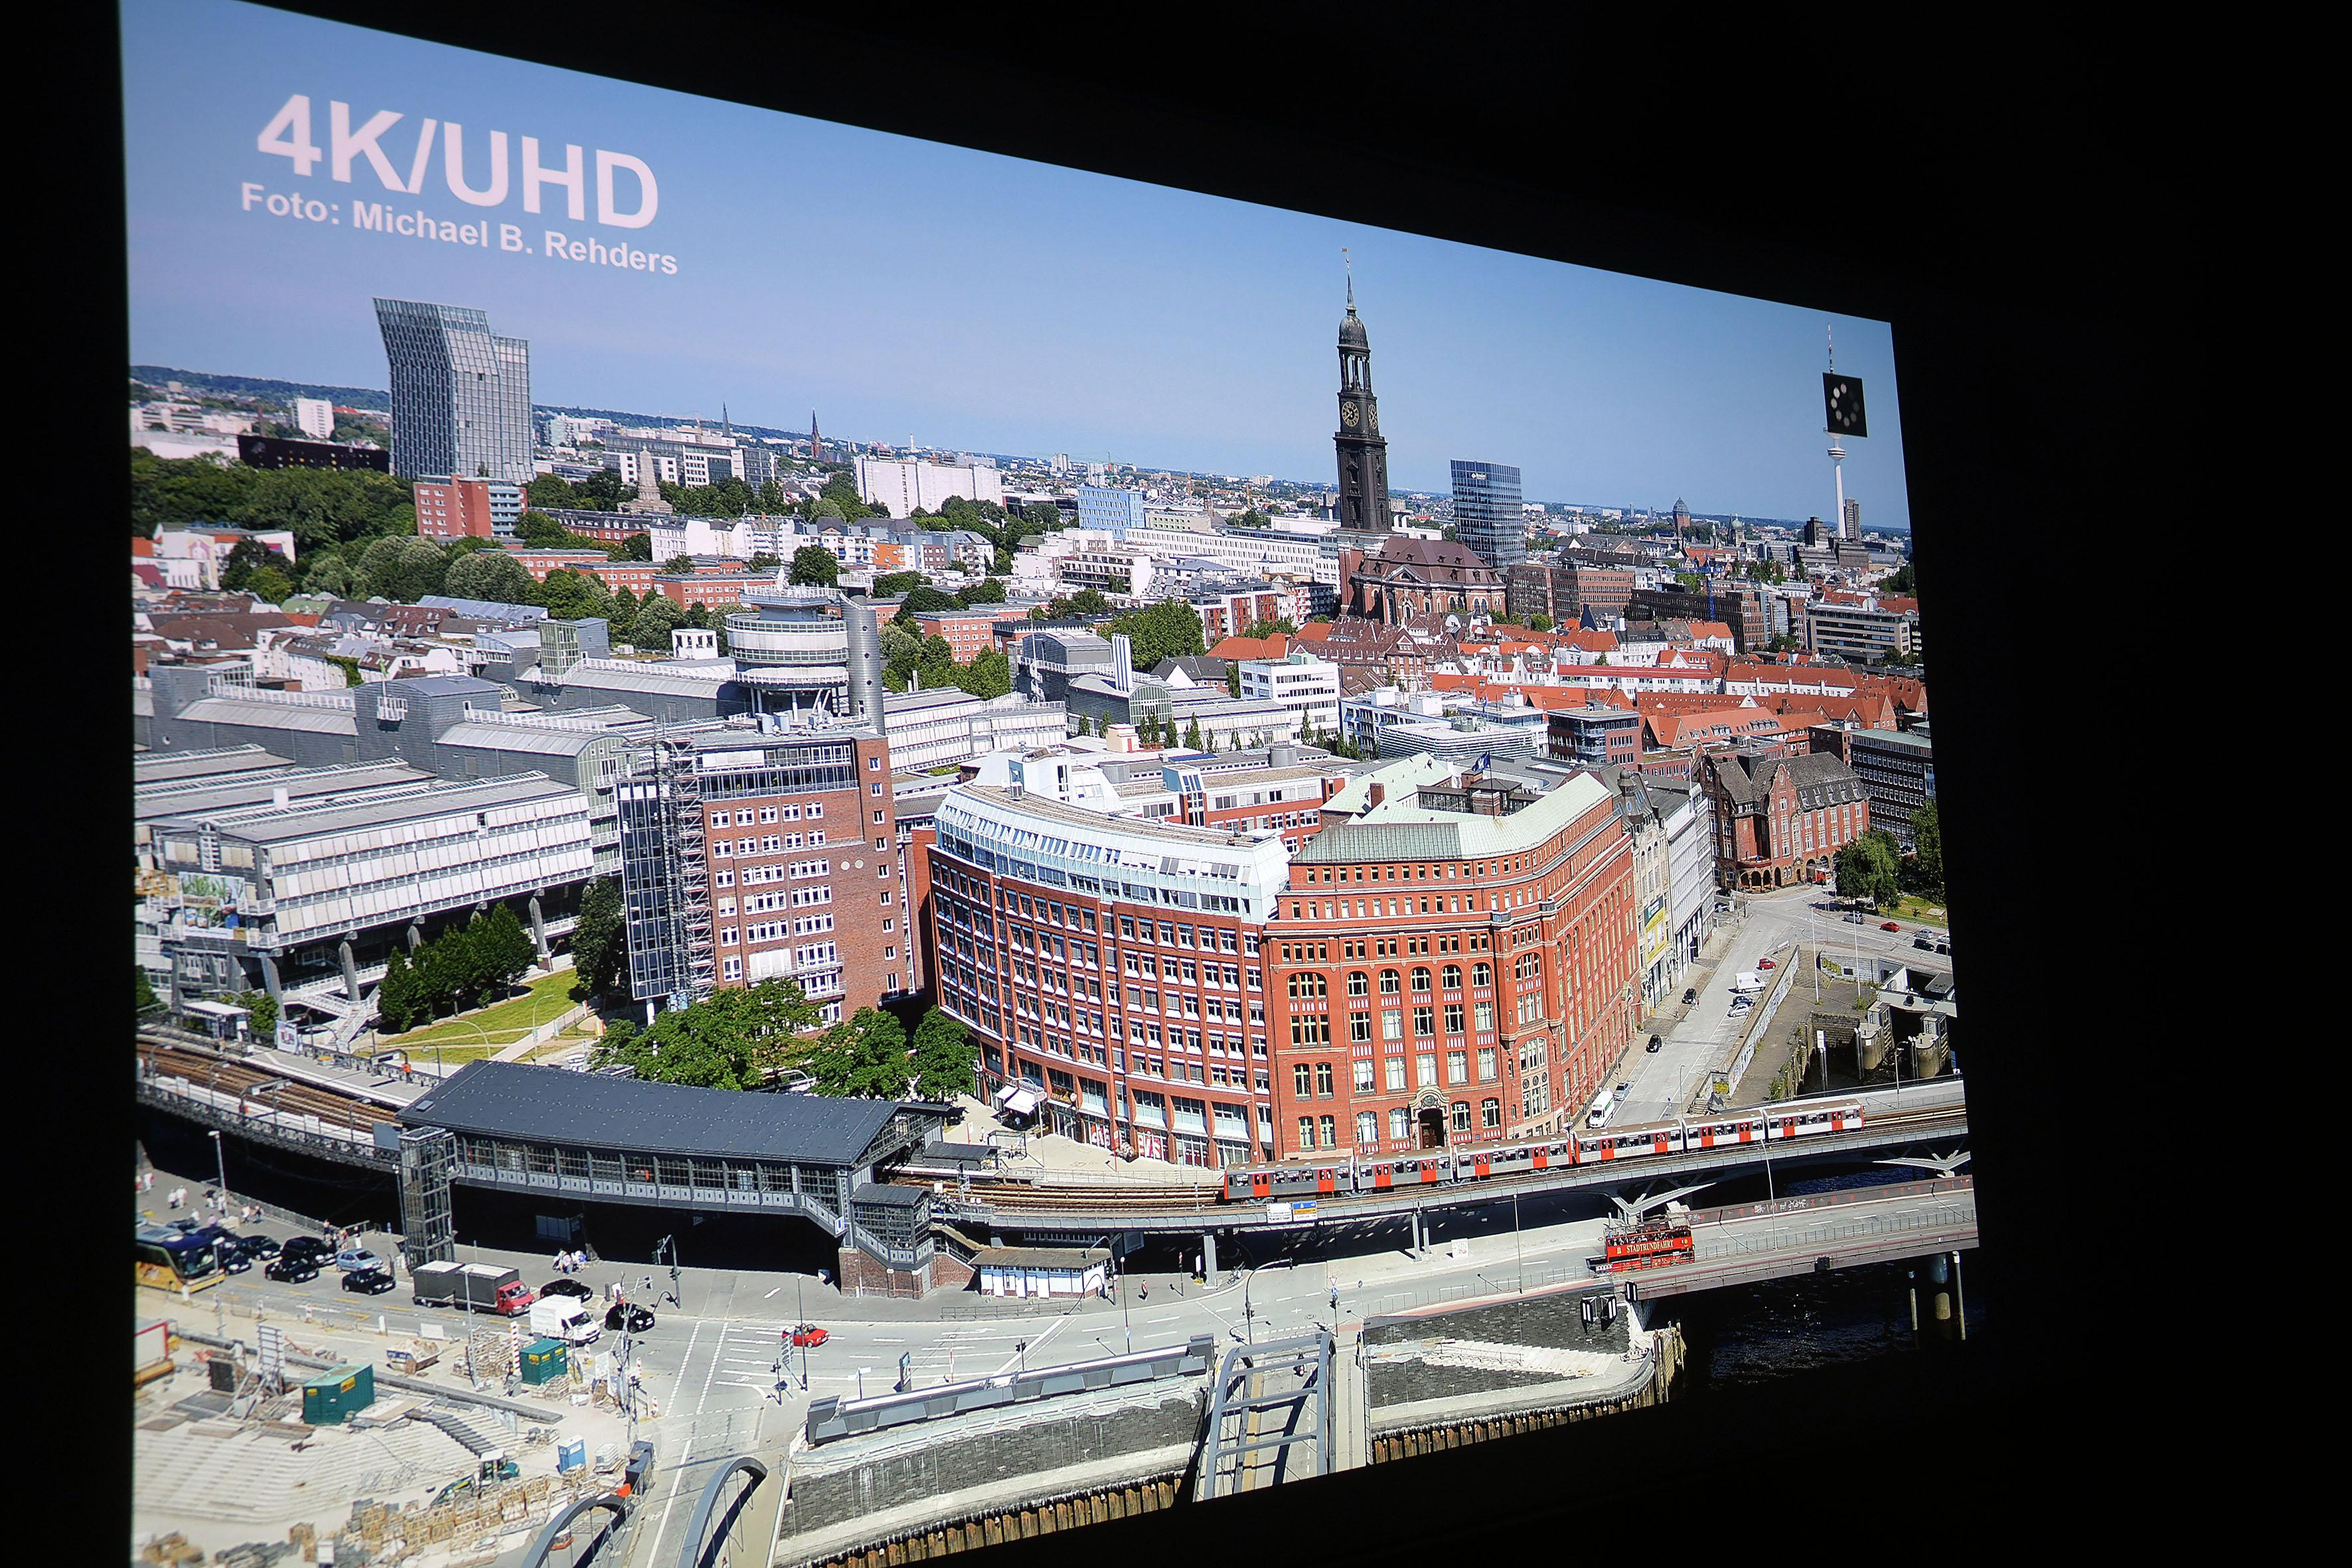 Foto: Michael B. Rehders Diese Panorama-Aufnahme habe ich aus der 21. Etage des Hanseatic Trade Centers geschossen. Es zeigt die Skyline von Hamburg. Die Farben des roten Backsteingebäudes sind originalgetreu. Ebenso gelingt dem UHD300X ein homogener Blauverlauf im Himmel.